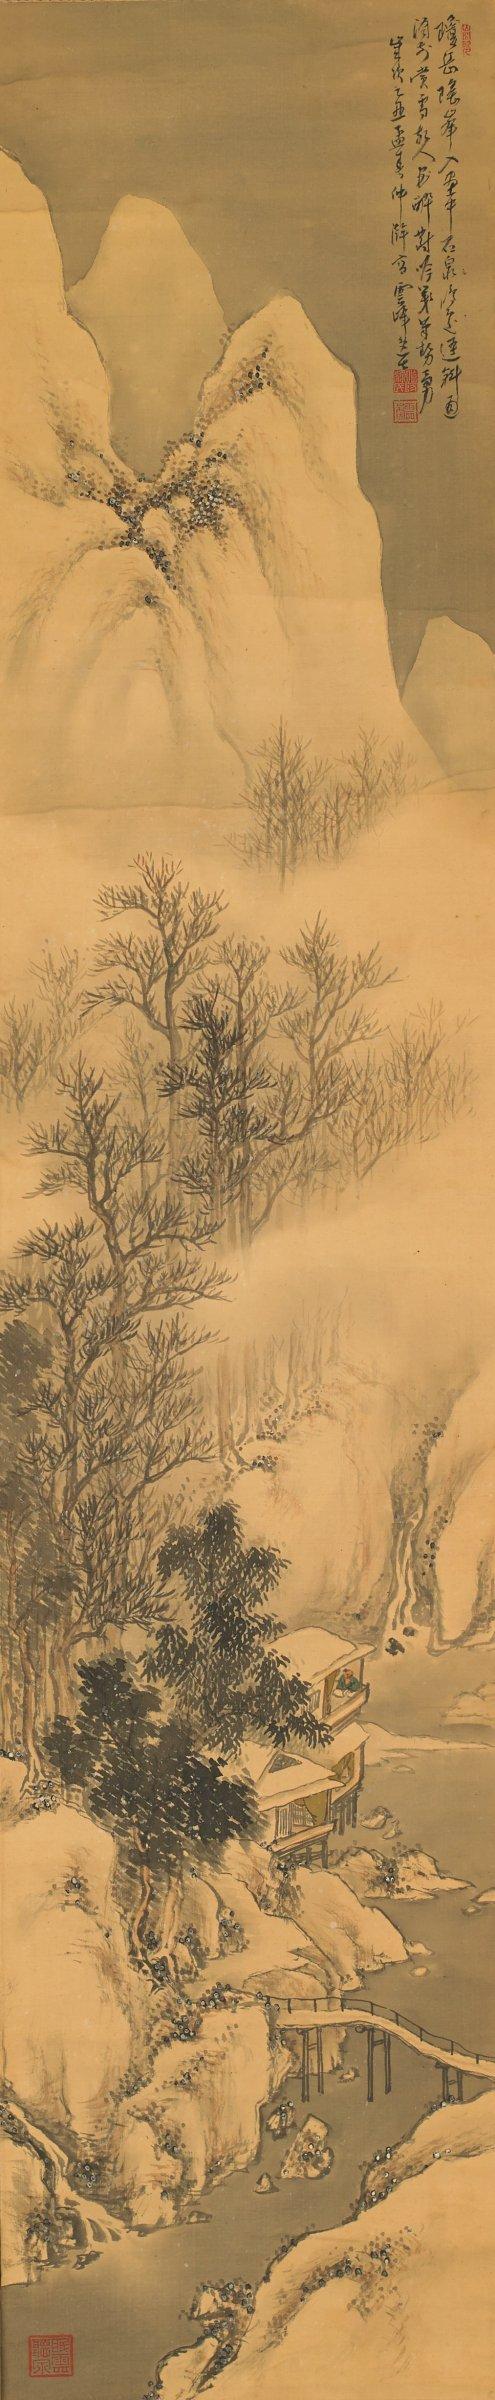 Landscape, Japan, ink and color on silk